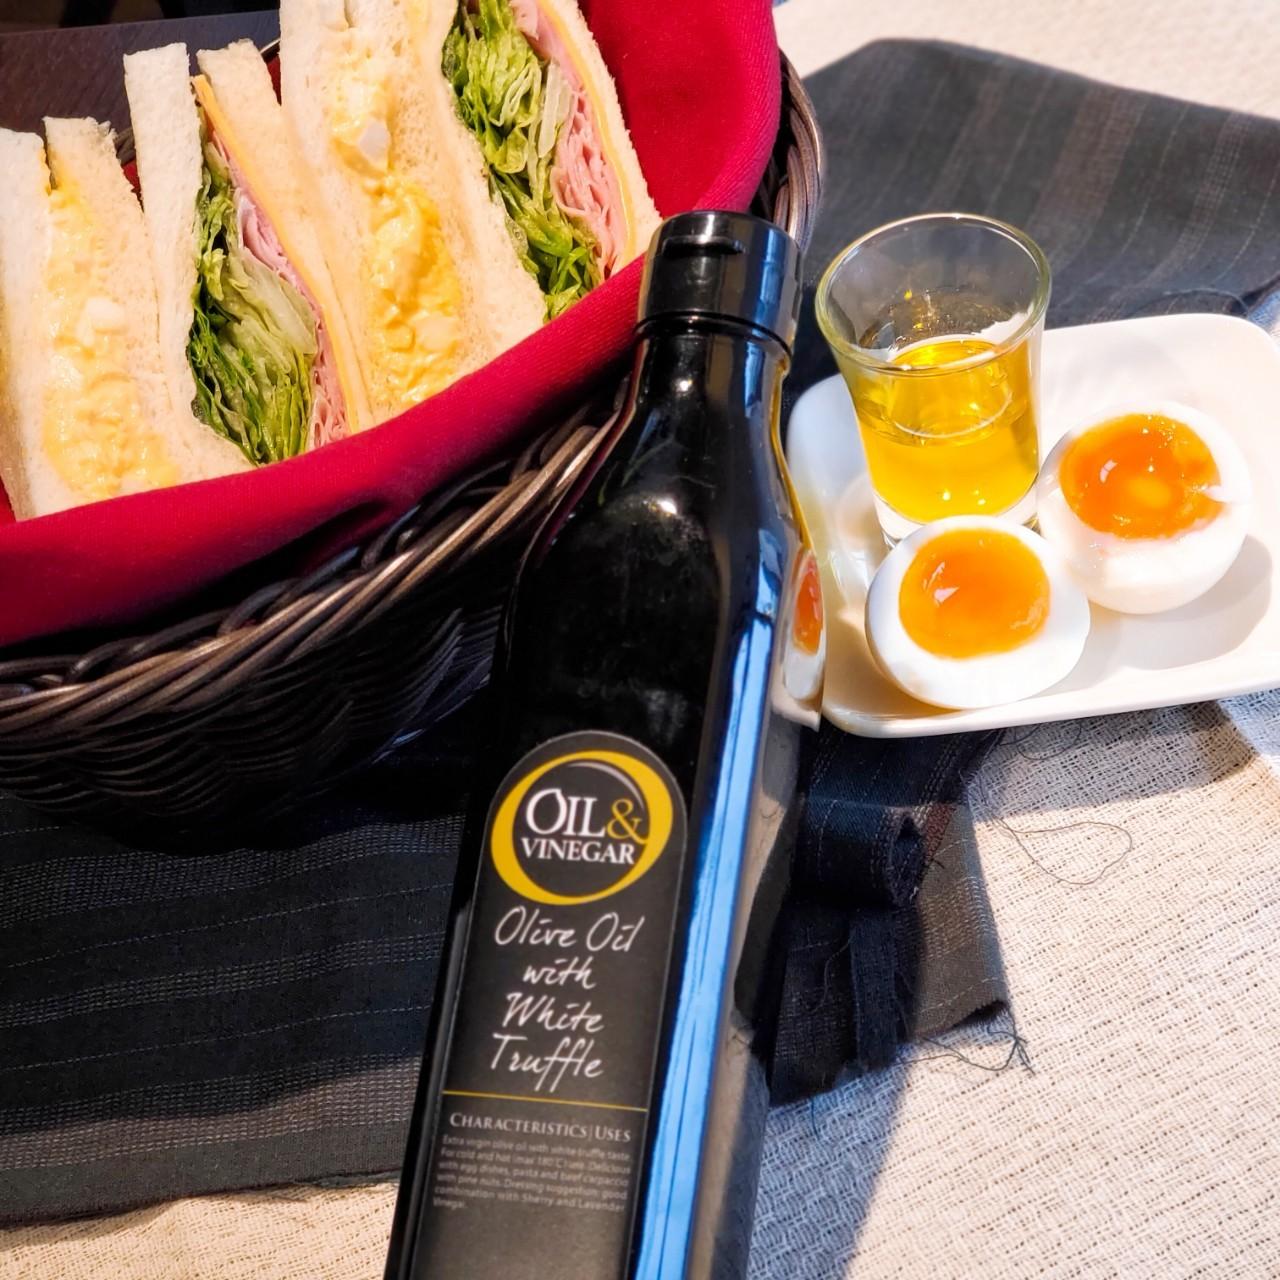 白トリュフオリーブオイルで贅沢サンドウィッチ